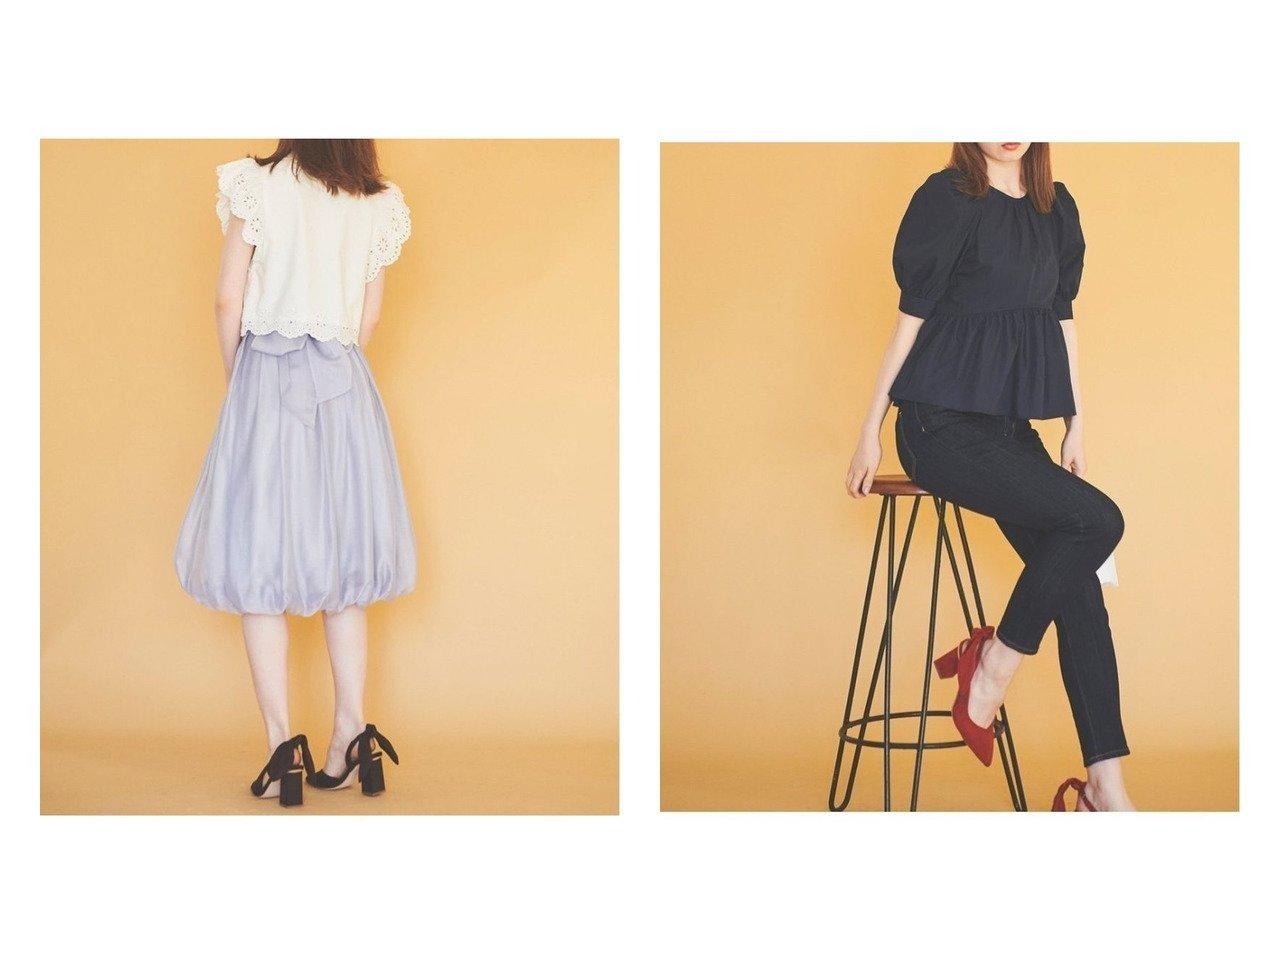 【31 Sons de mode/トランテアン ソン ドゥ モード】のカットワーク刺繍ブラウス&バックリボンブラウス トップス・カットソーのおすすめ!人気、トレンド・レディースファッションの通販  おすすめで人気の流行・トレンド、ファッションの通販商品 メンズファッション・キッズファッション・インテリア・家具・レディースファッション・服の通販 founy(ファニー) https://founy.com/ ファッション Fashion レディースファッション WOMEN トップス Tops Tshirt シャツ/ブラウス Shirts Blouses 2021年 2021 2021 春夏 S/S SS Spring/Summer 2021 S/S 春夏 SS Spring/Summer フリル リボン 半袖  ID:crp329100000010311